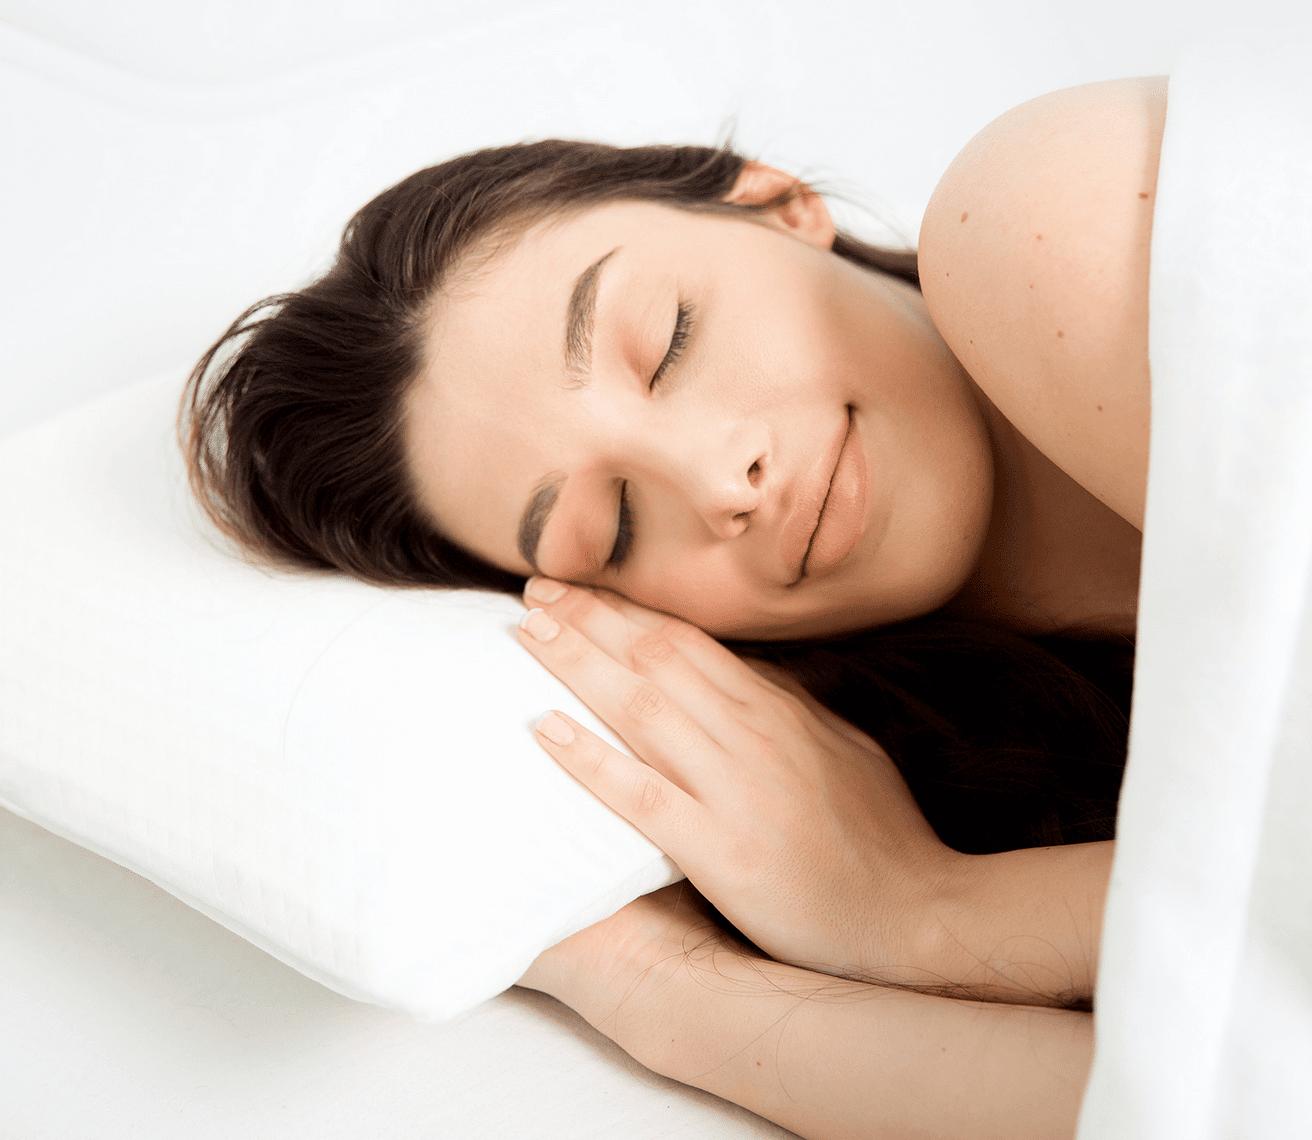 vergleichen gewinnt lass deinen schlaf gewinnen der. Black Bedroom Furniture Sets. Home Design Ideas